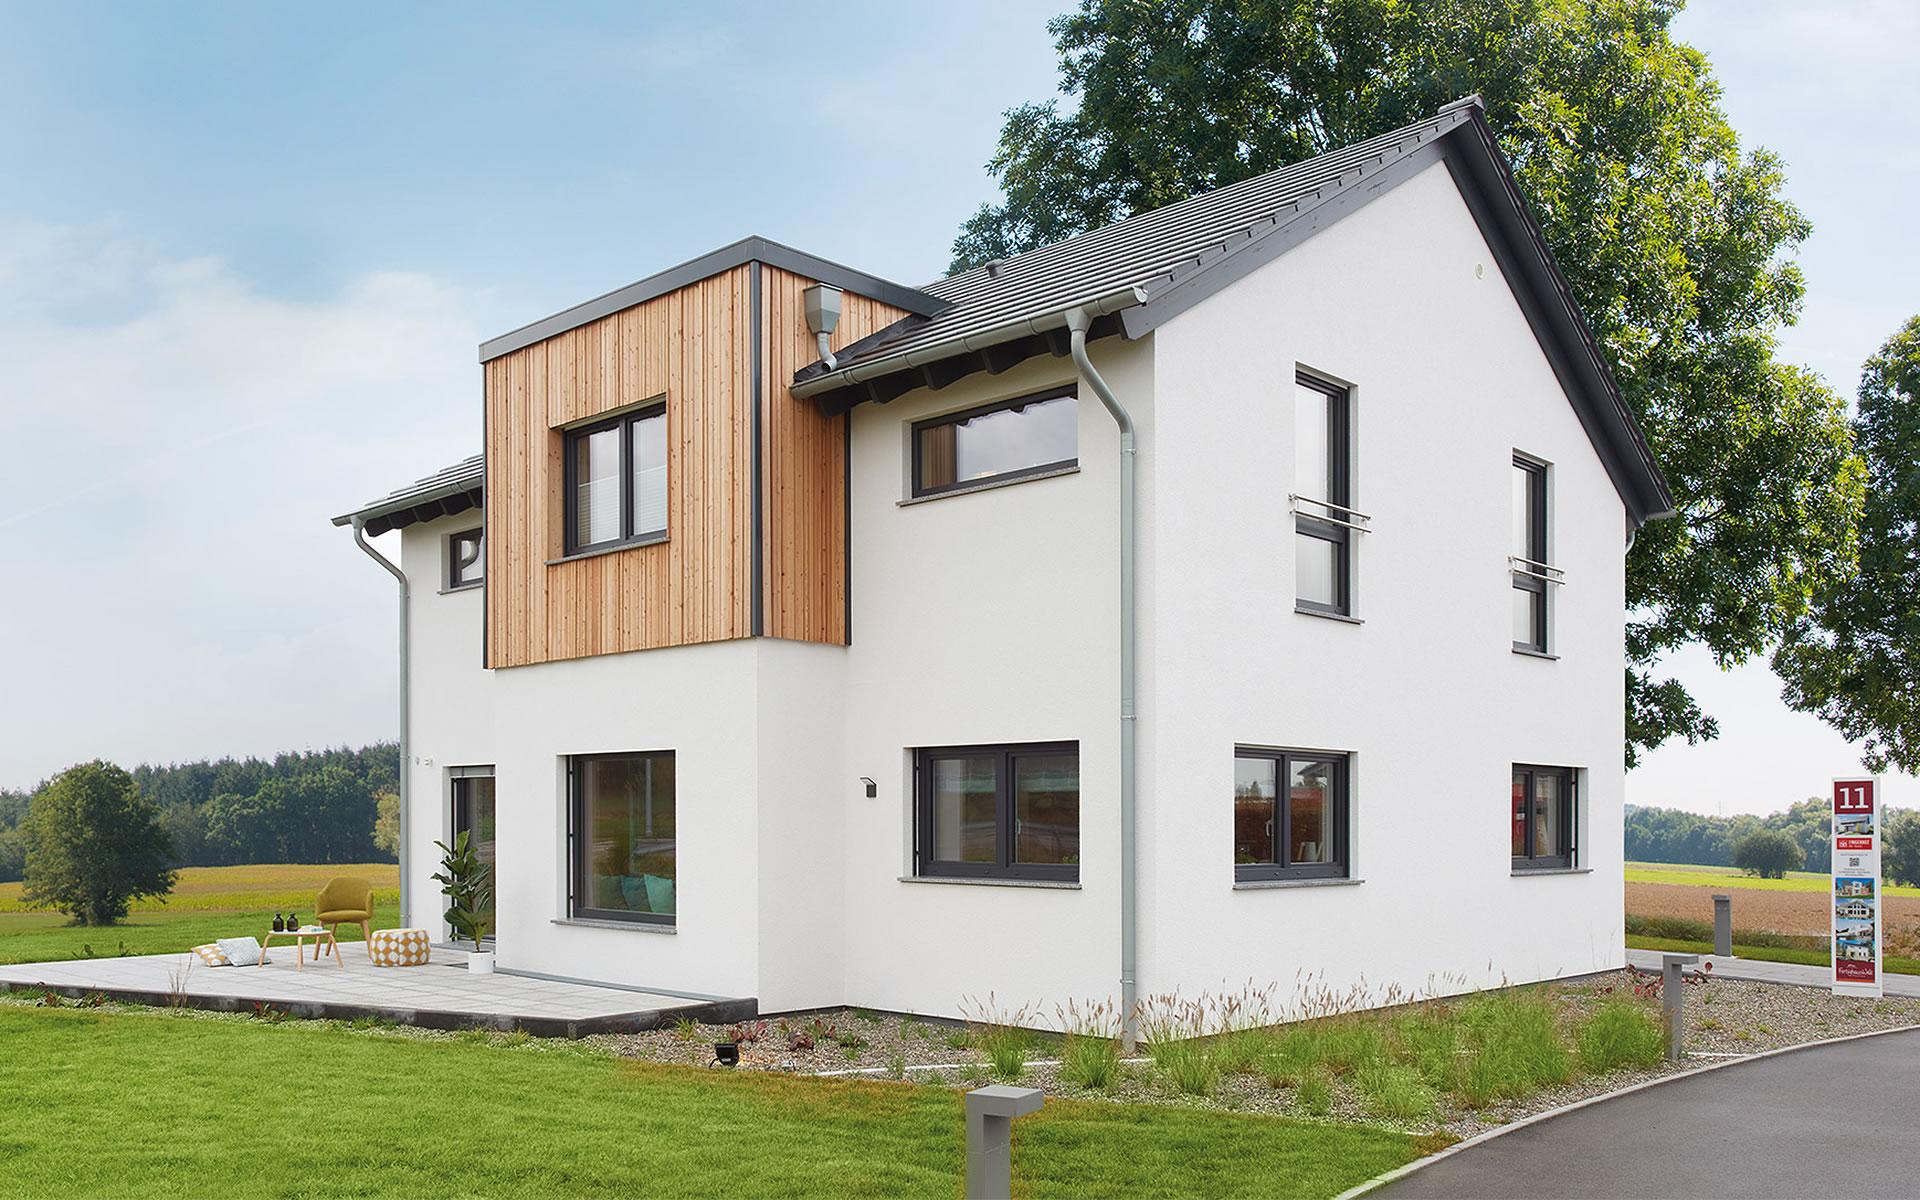 Günzburg (Musterhaus) von Fingerhut Haus GmbH & Co. KG